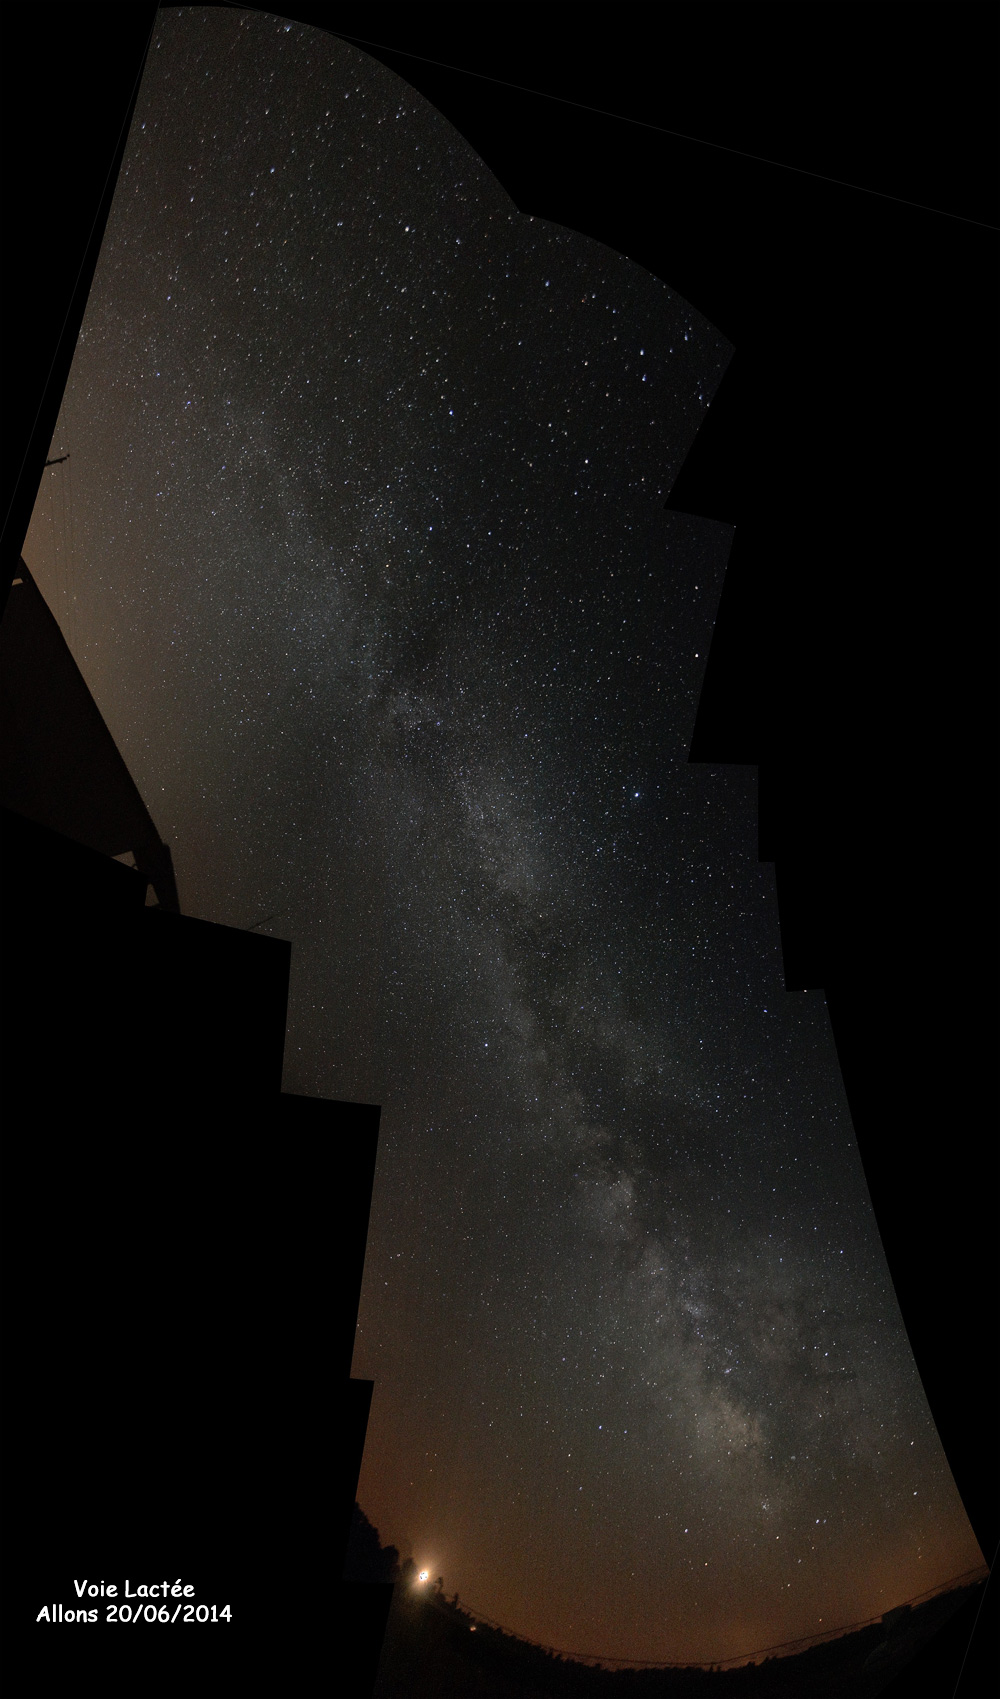 Voie Lactée - Page 5 Vl2_20_6_2014